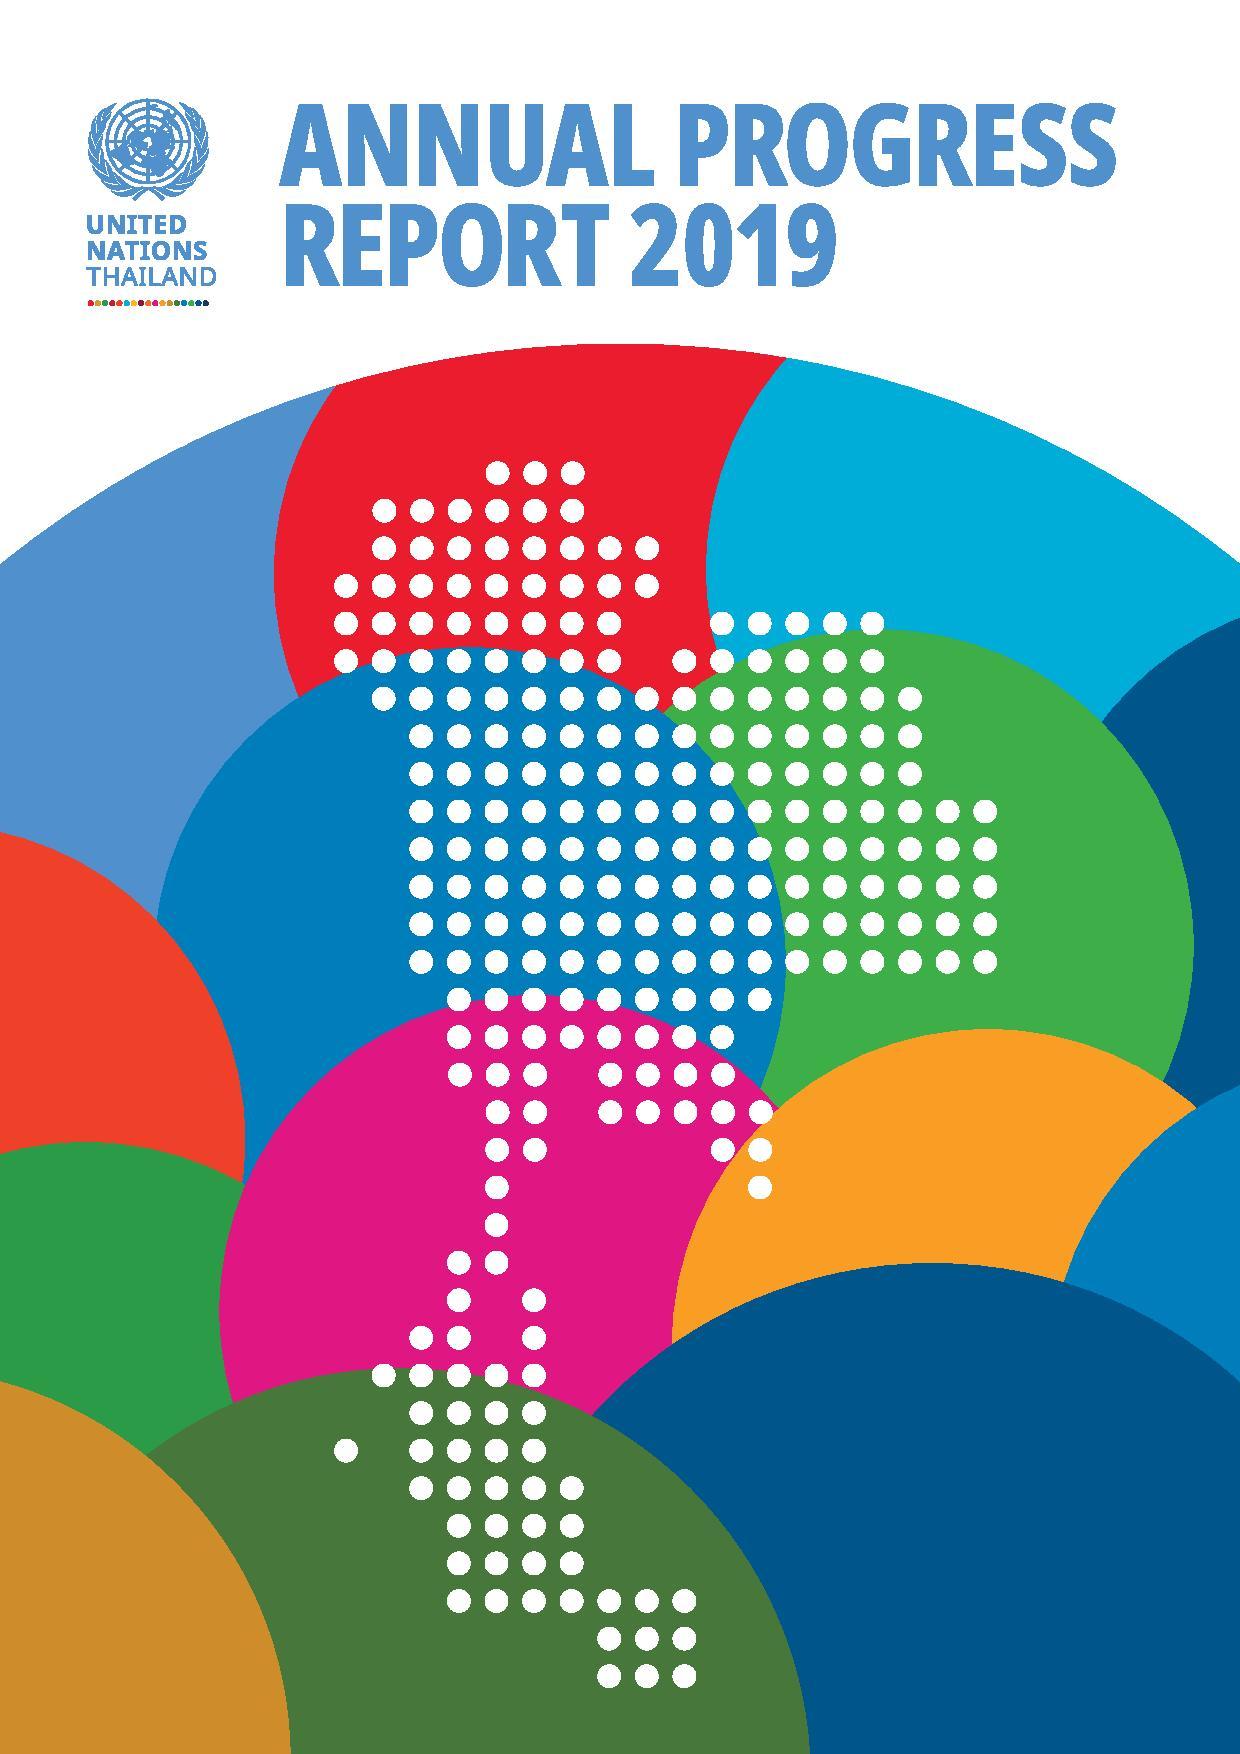 UN Thailand 2019 Annual Progress Report